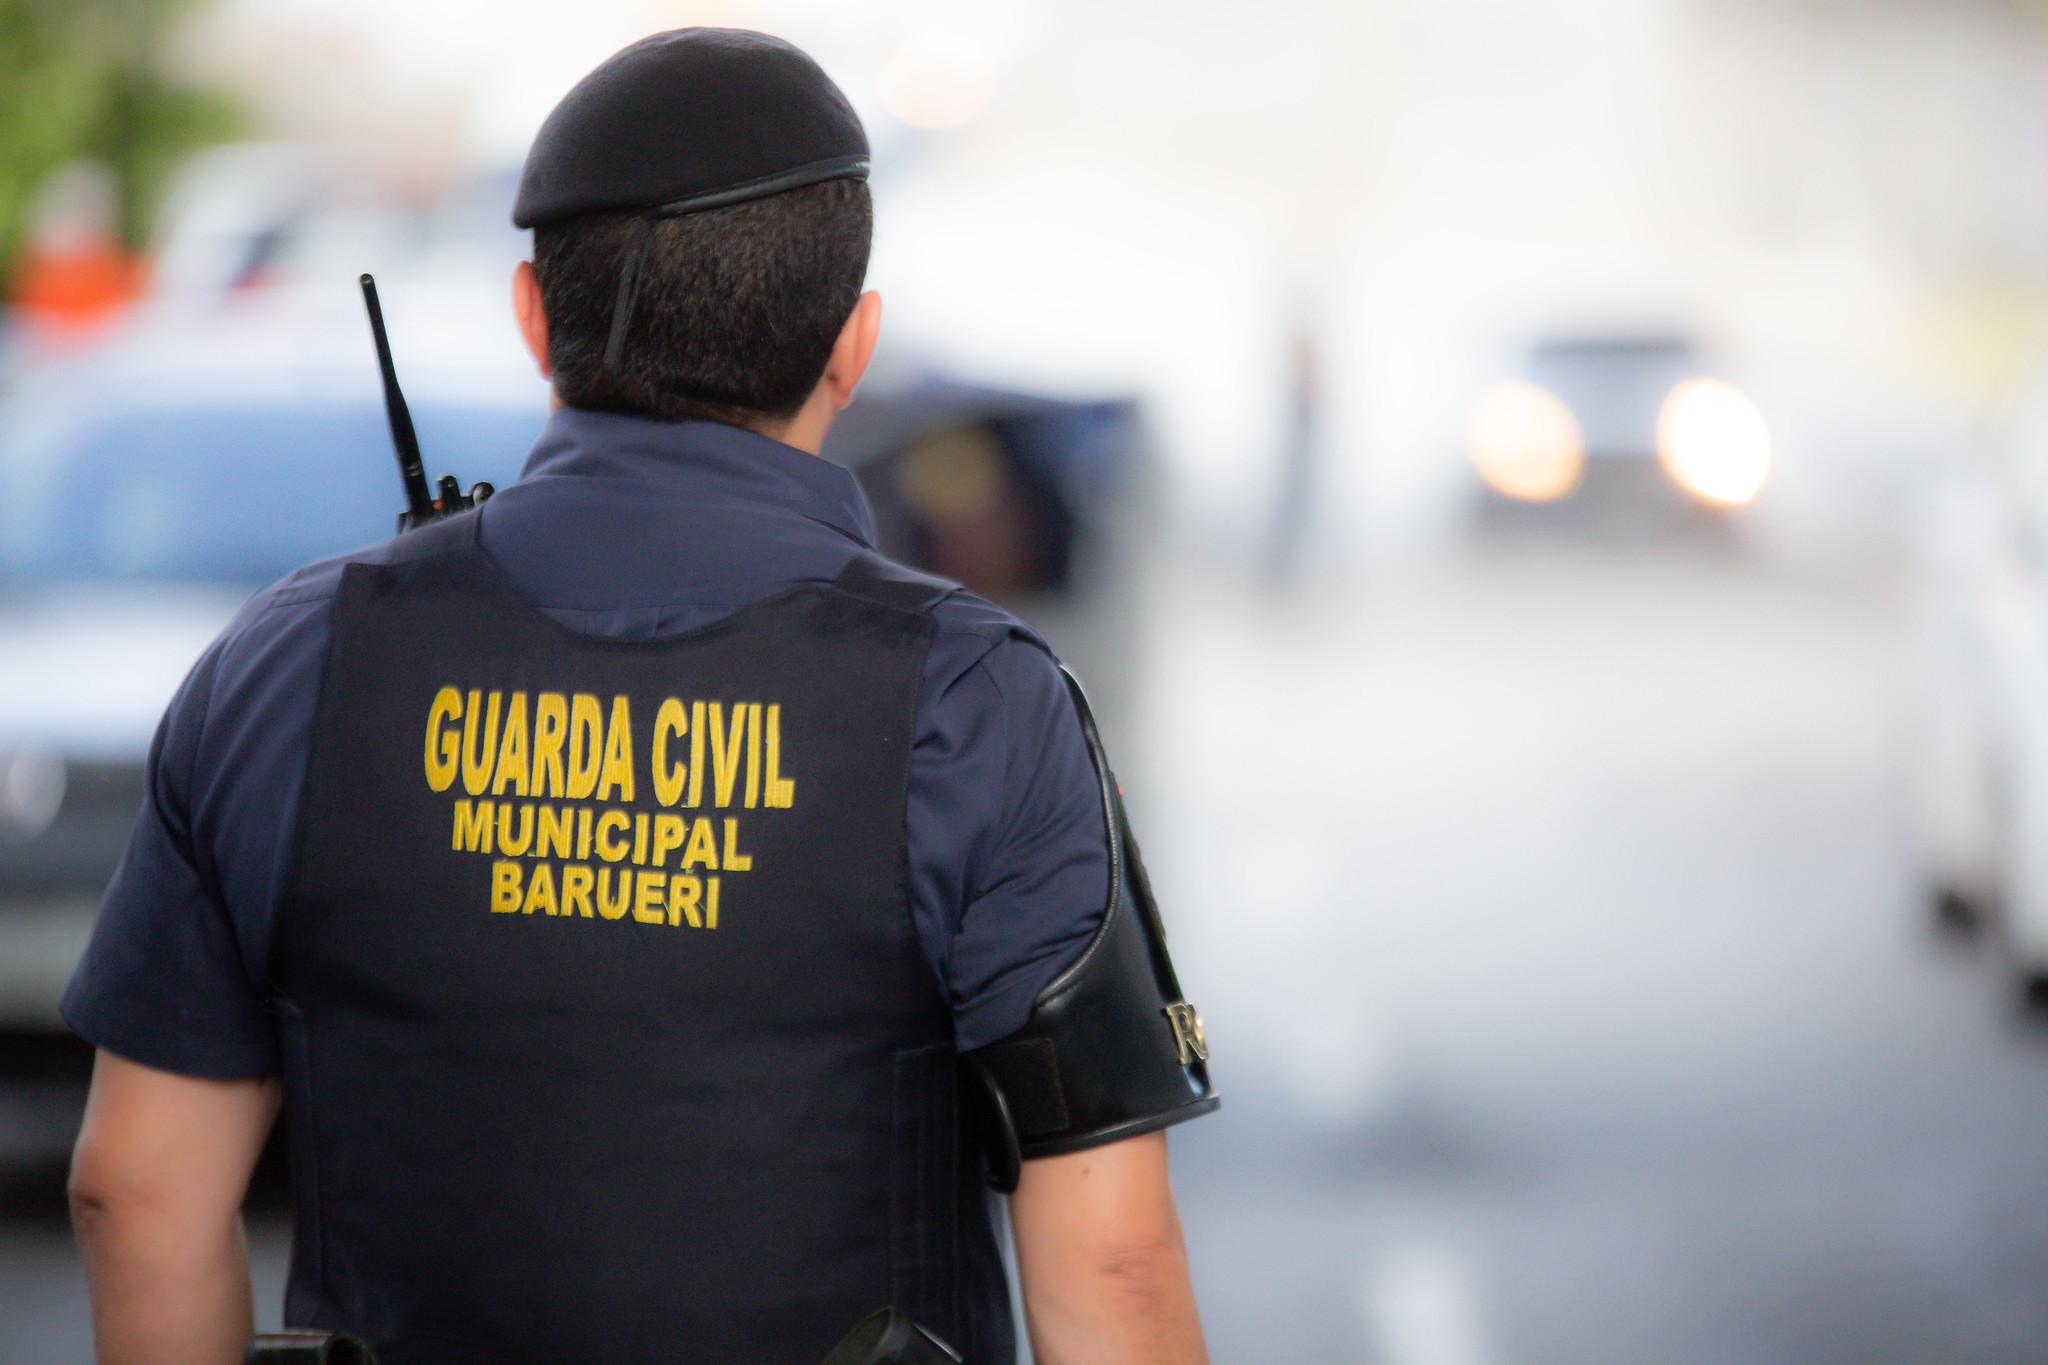 Índices de criminalidade diminuem em Barueri, aponta Secretaria de Segurança do Estado